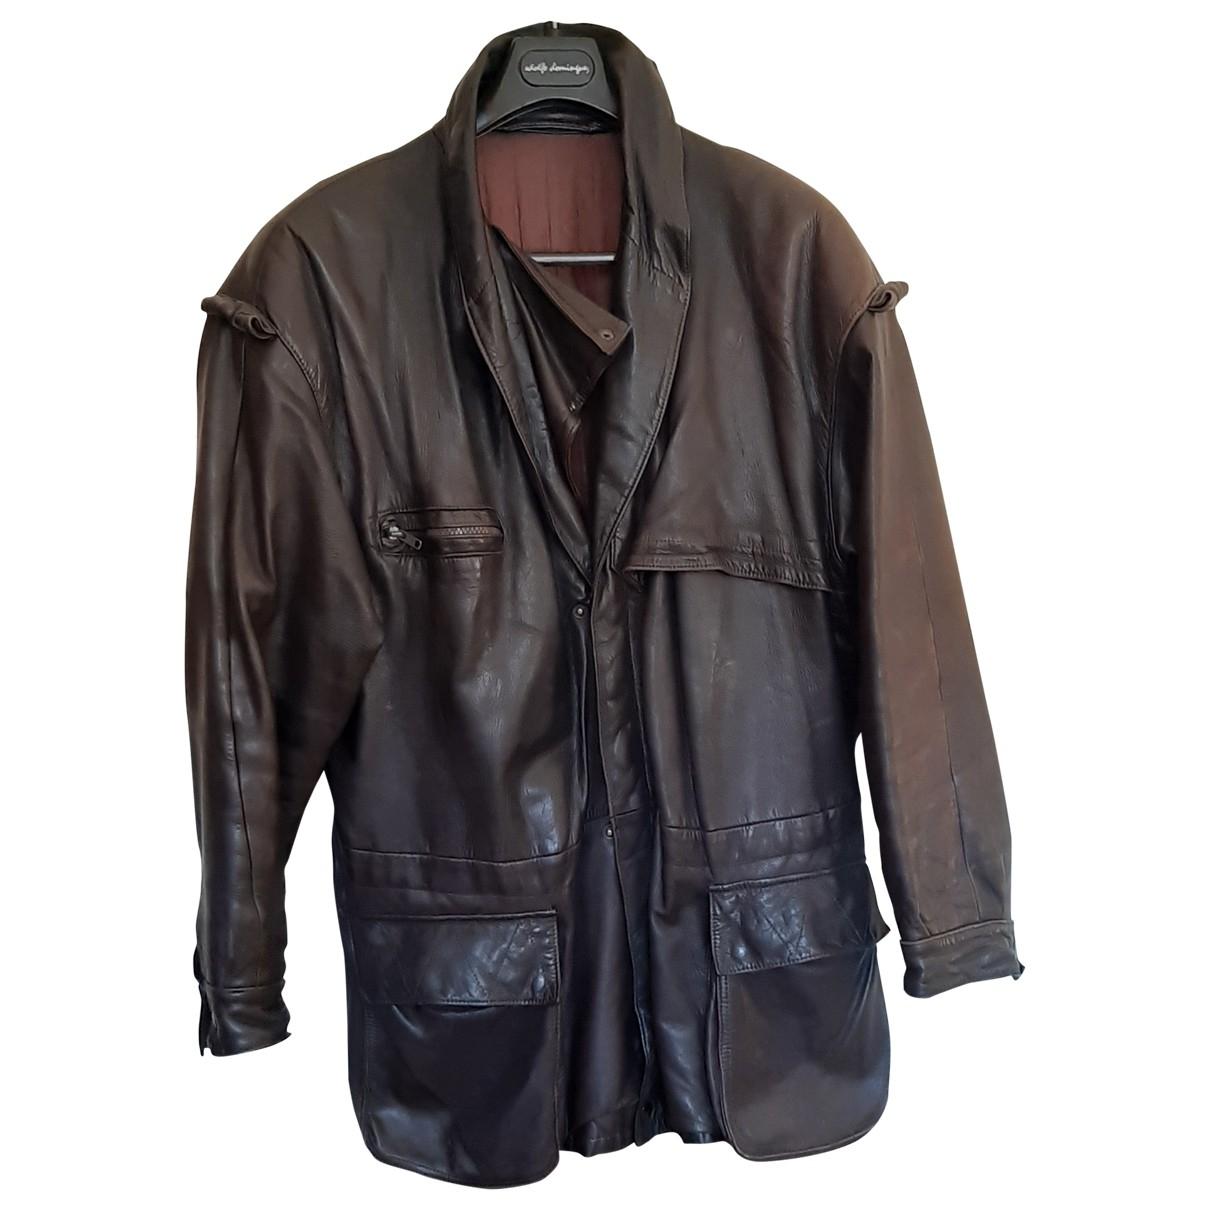 Loewe \N Brown Leather jacket  for Men L